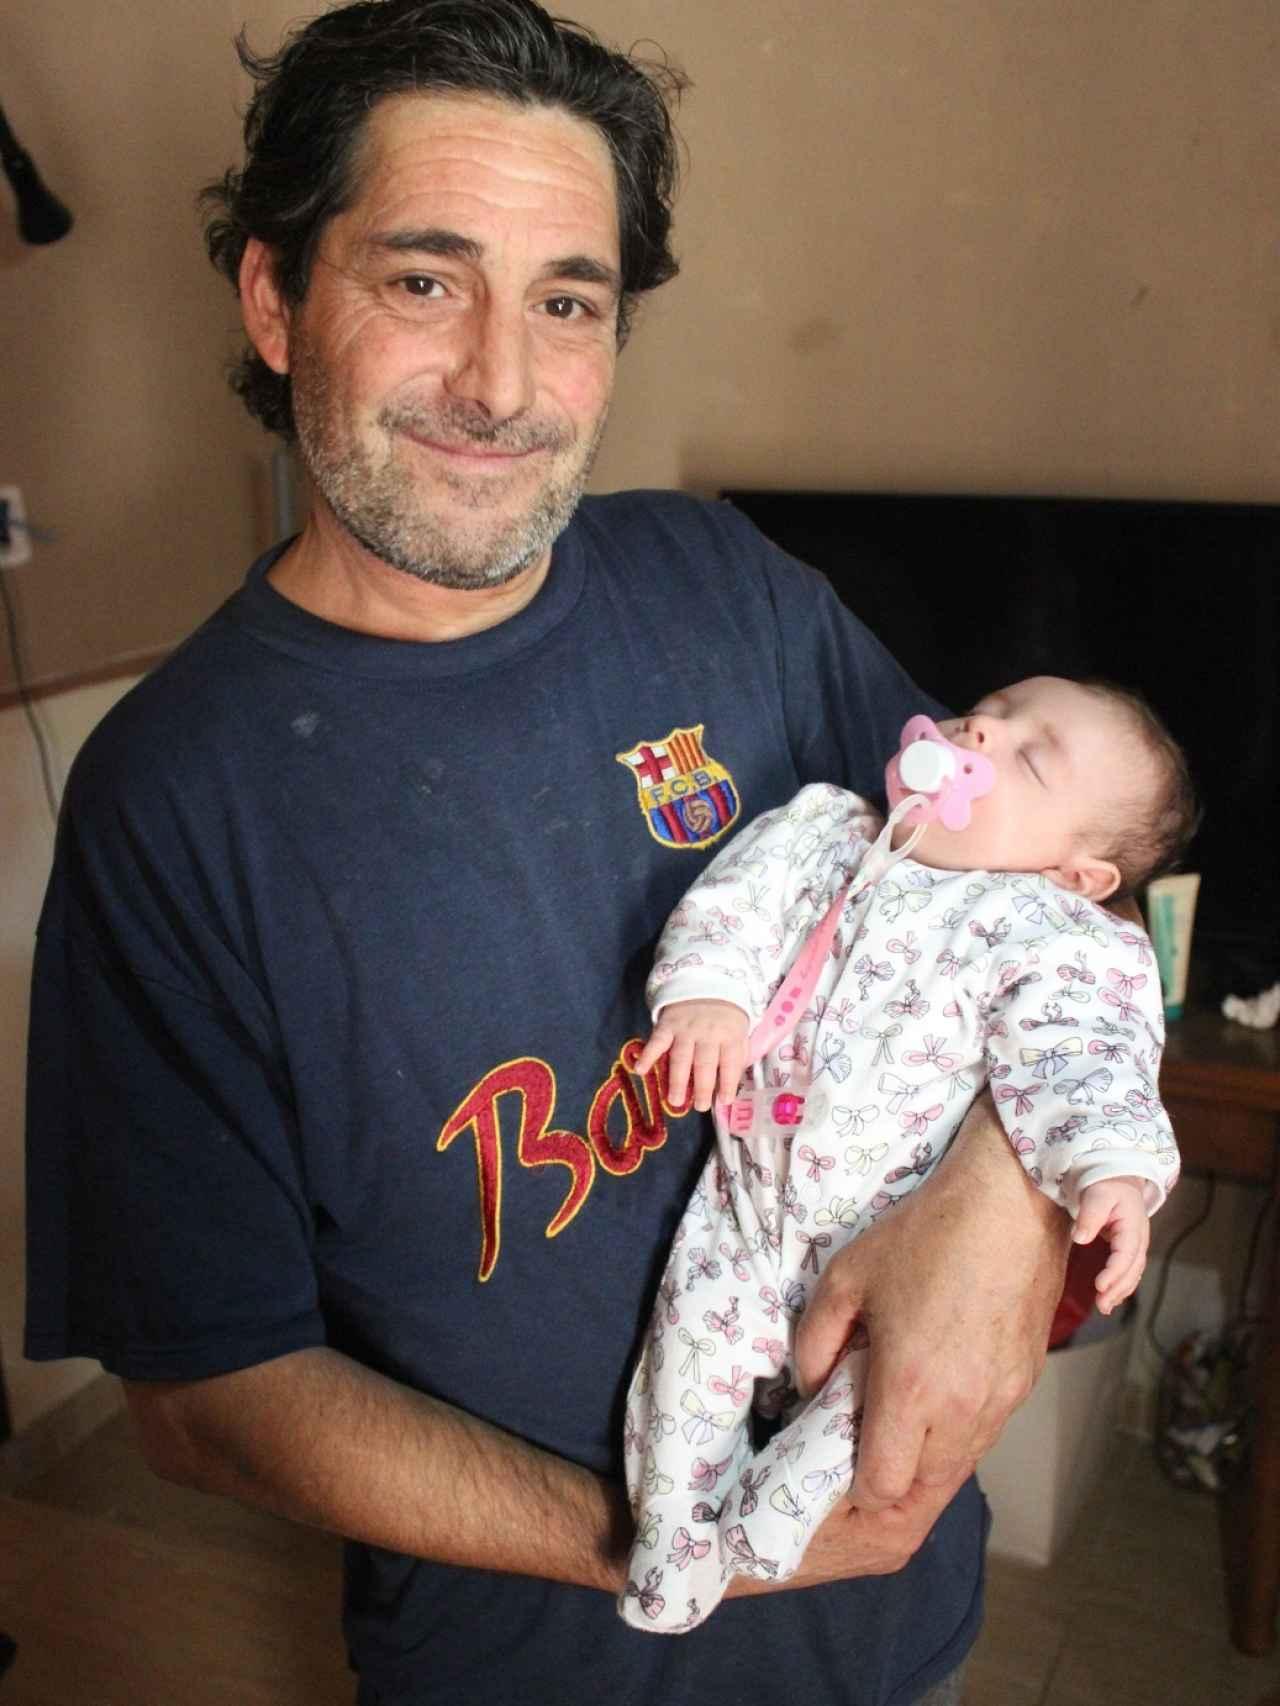 Vicente cree que su hija paula es del Madrid porque en la camiseta del Barça